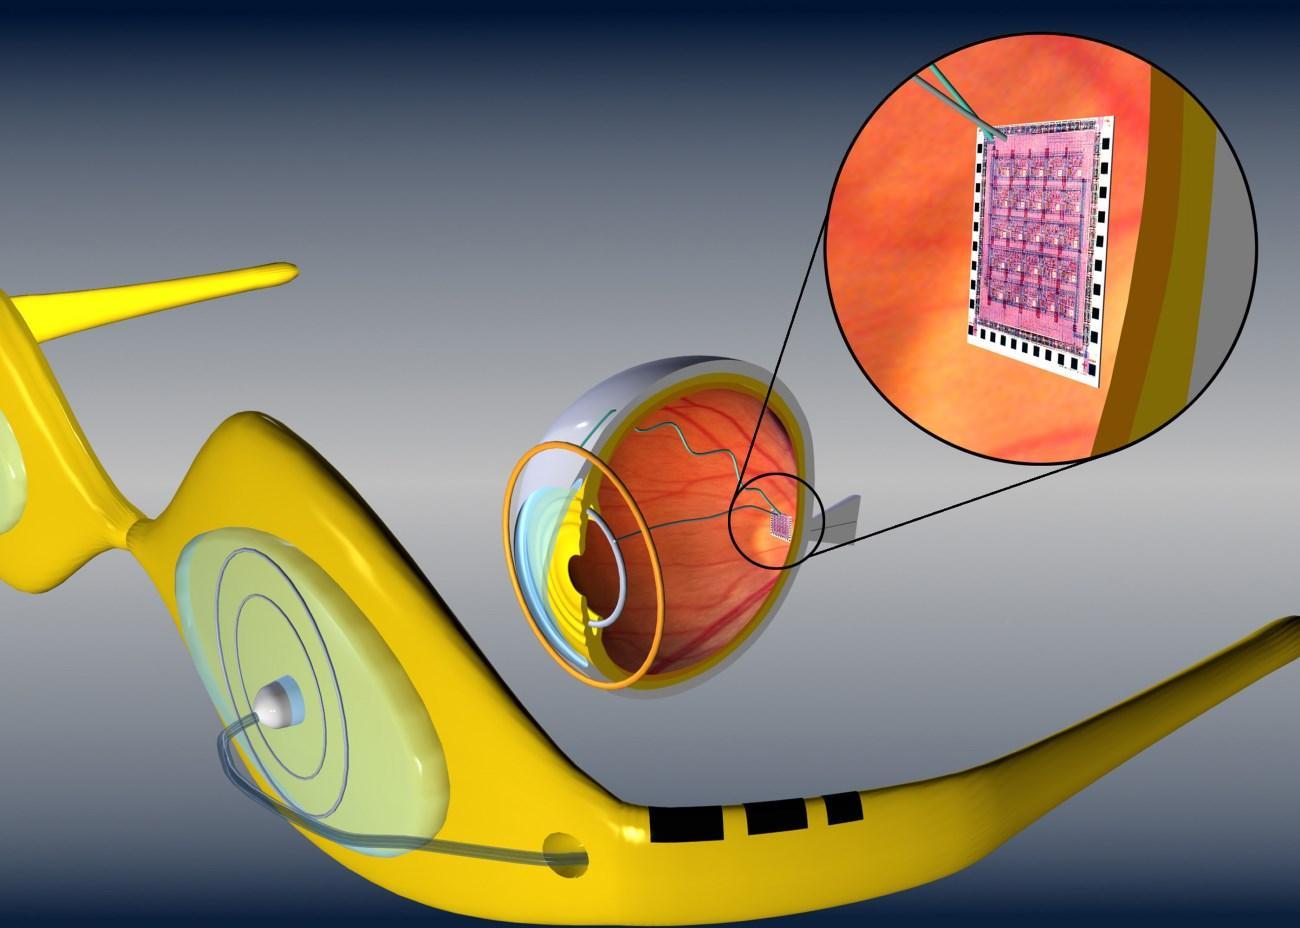 бионические глаза обещают устанавливать бесплатно